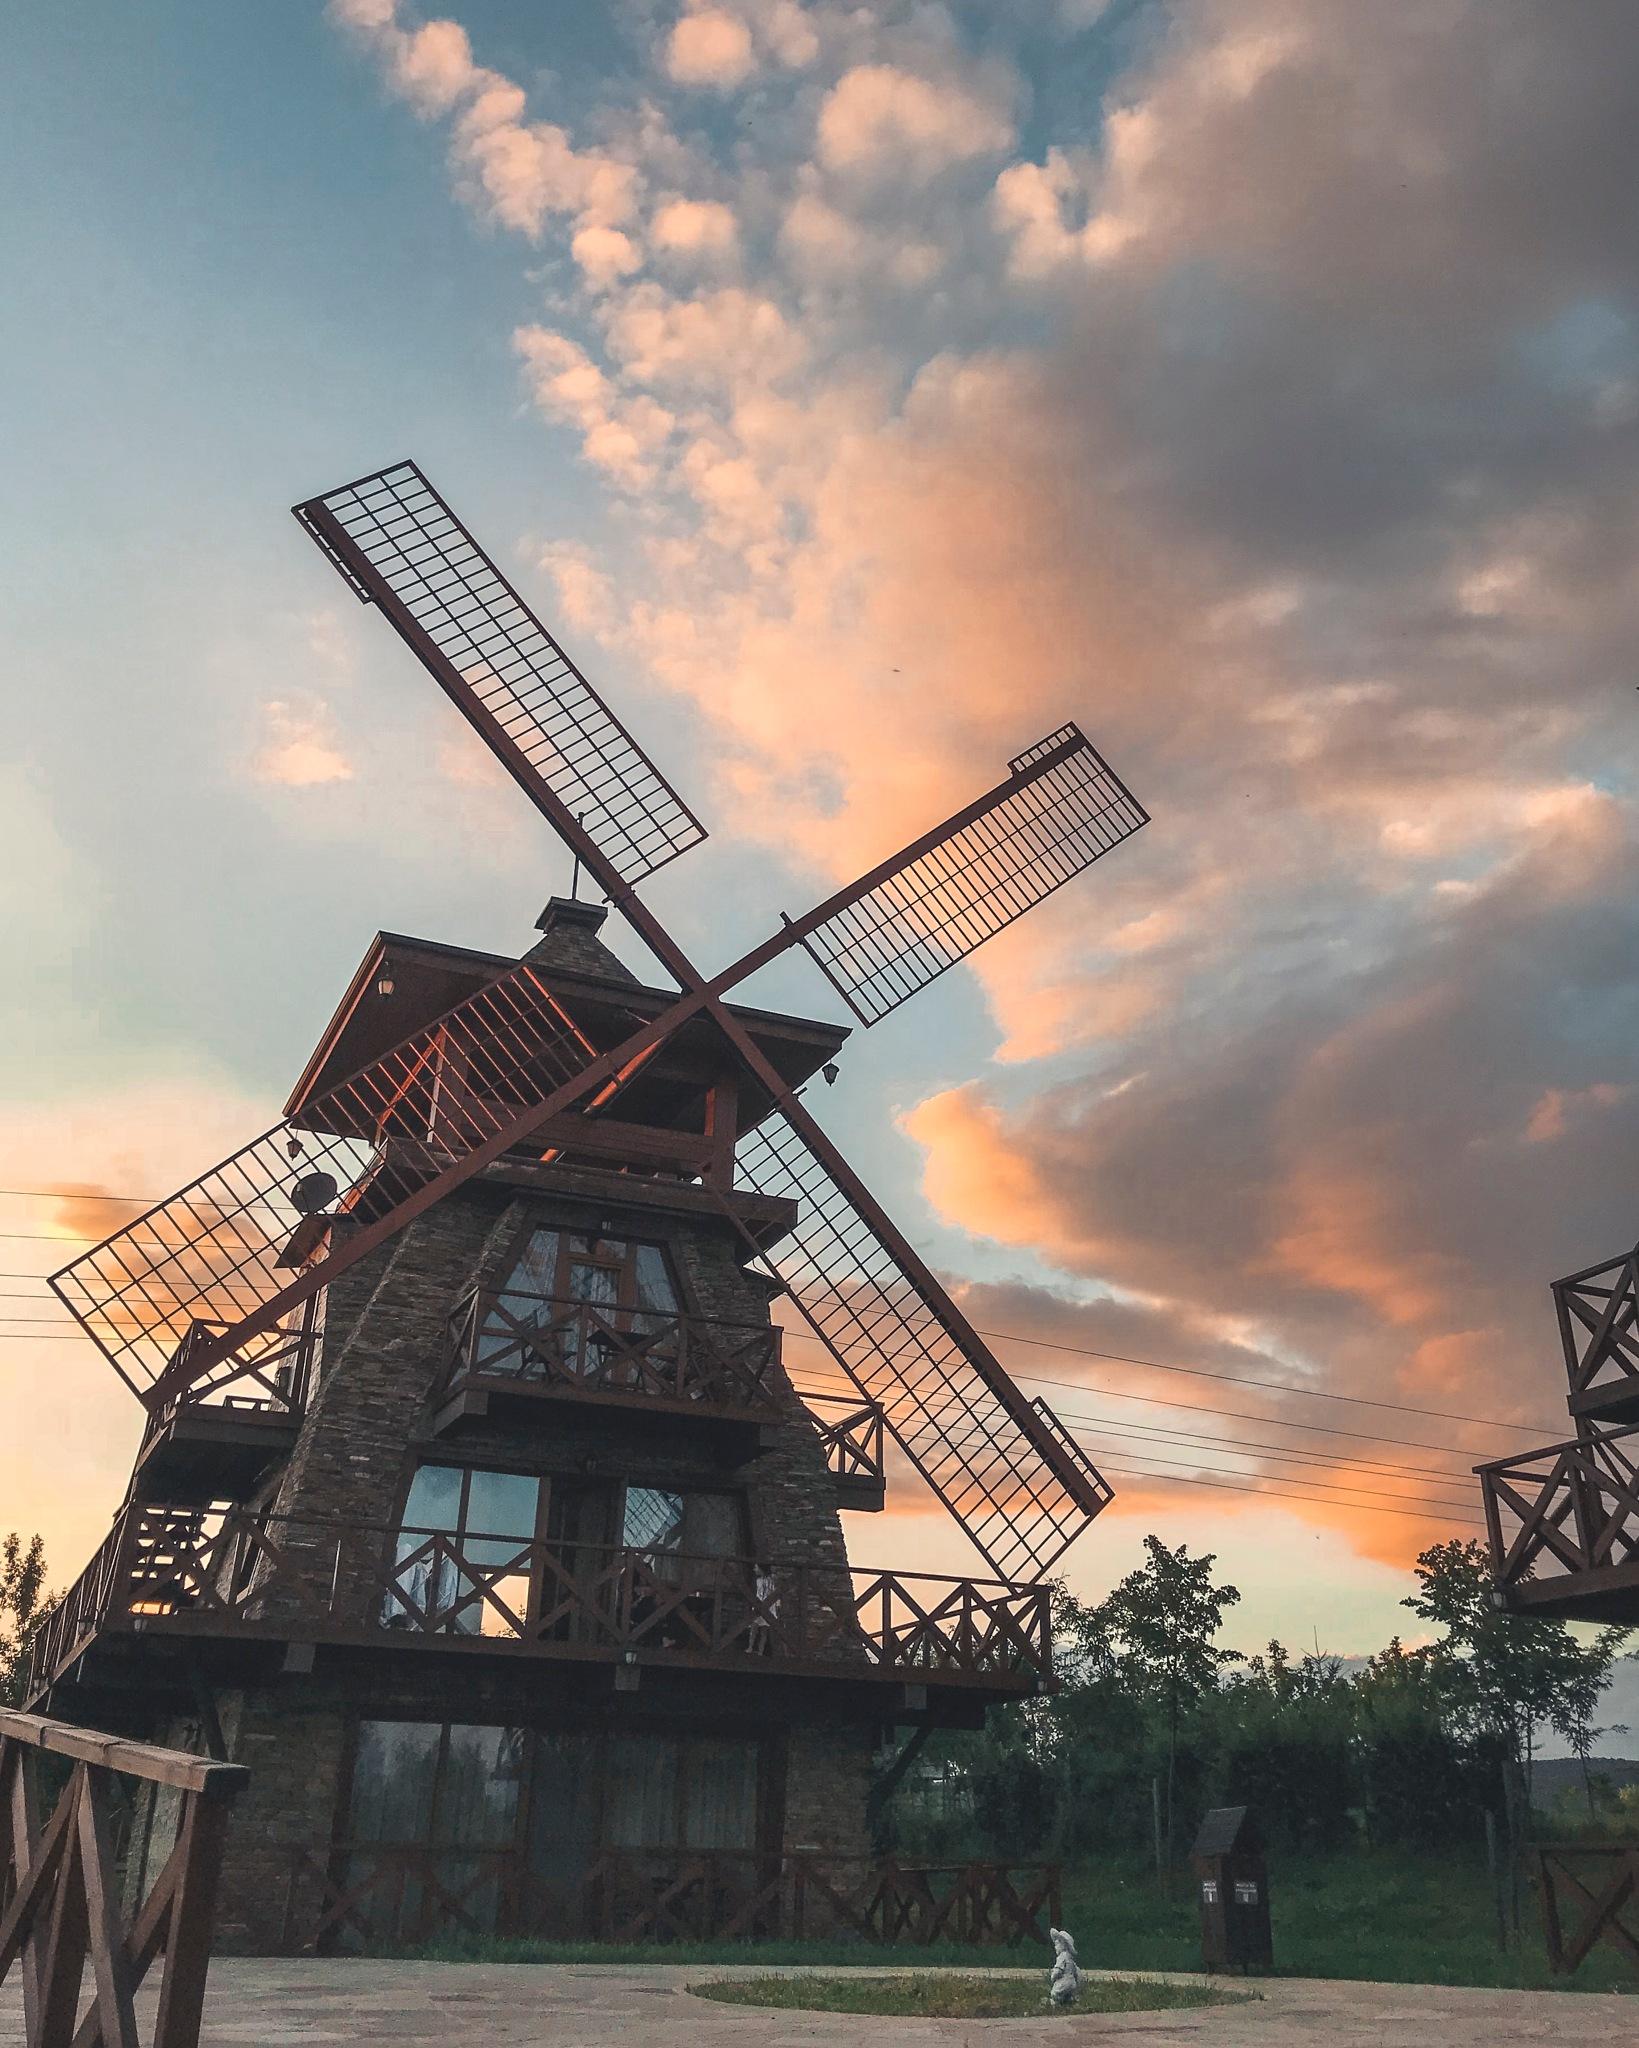 Windmill by Dannyel Spasov